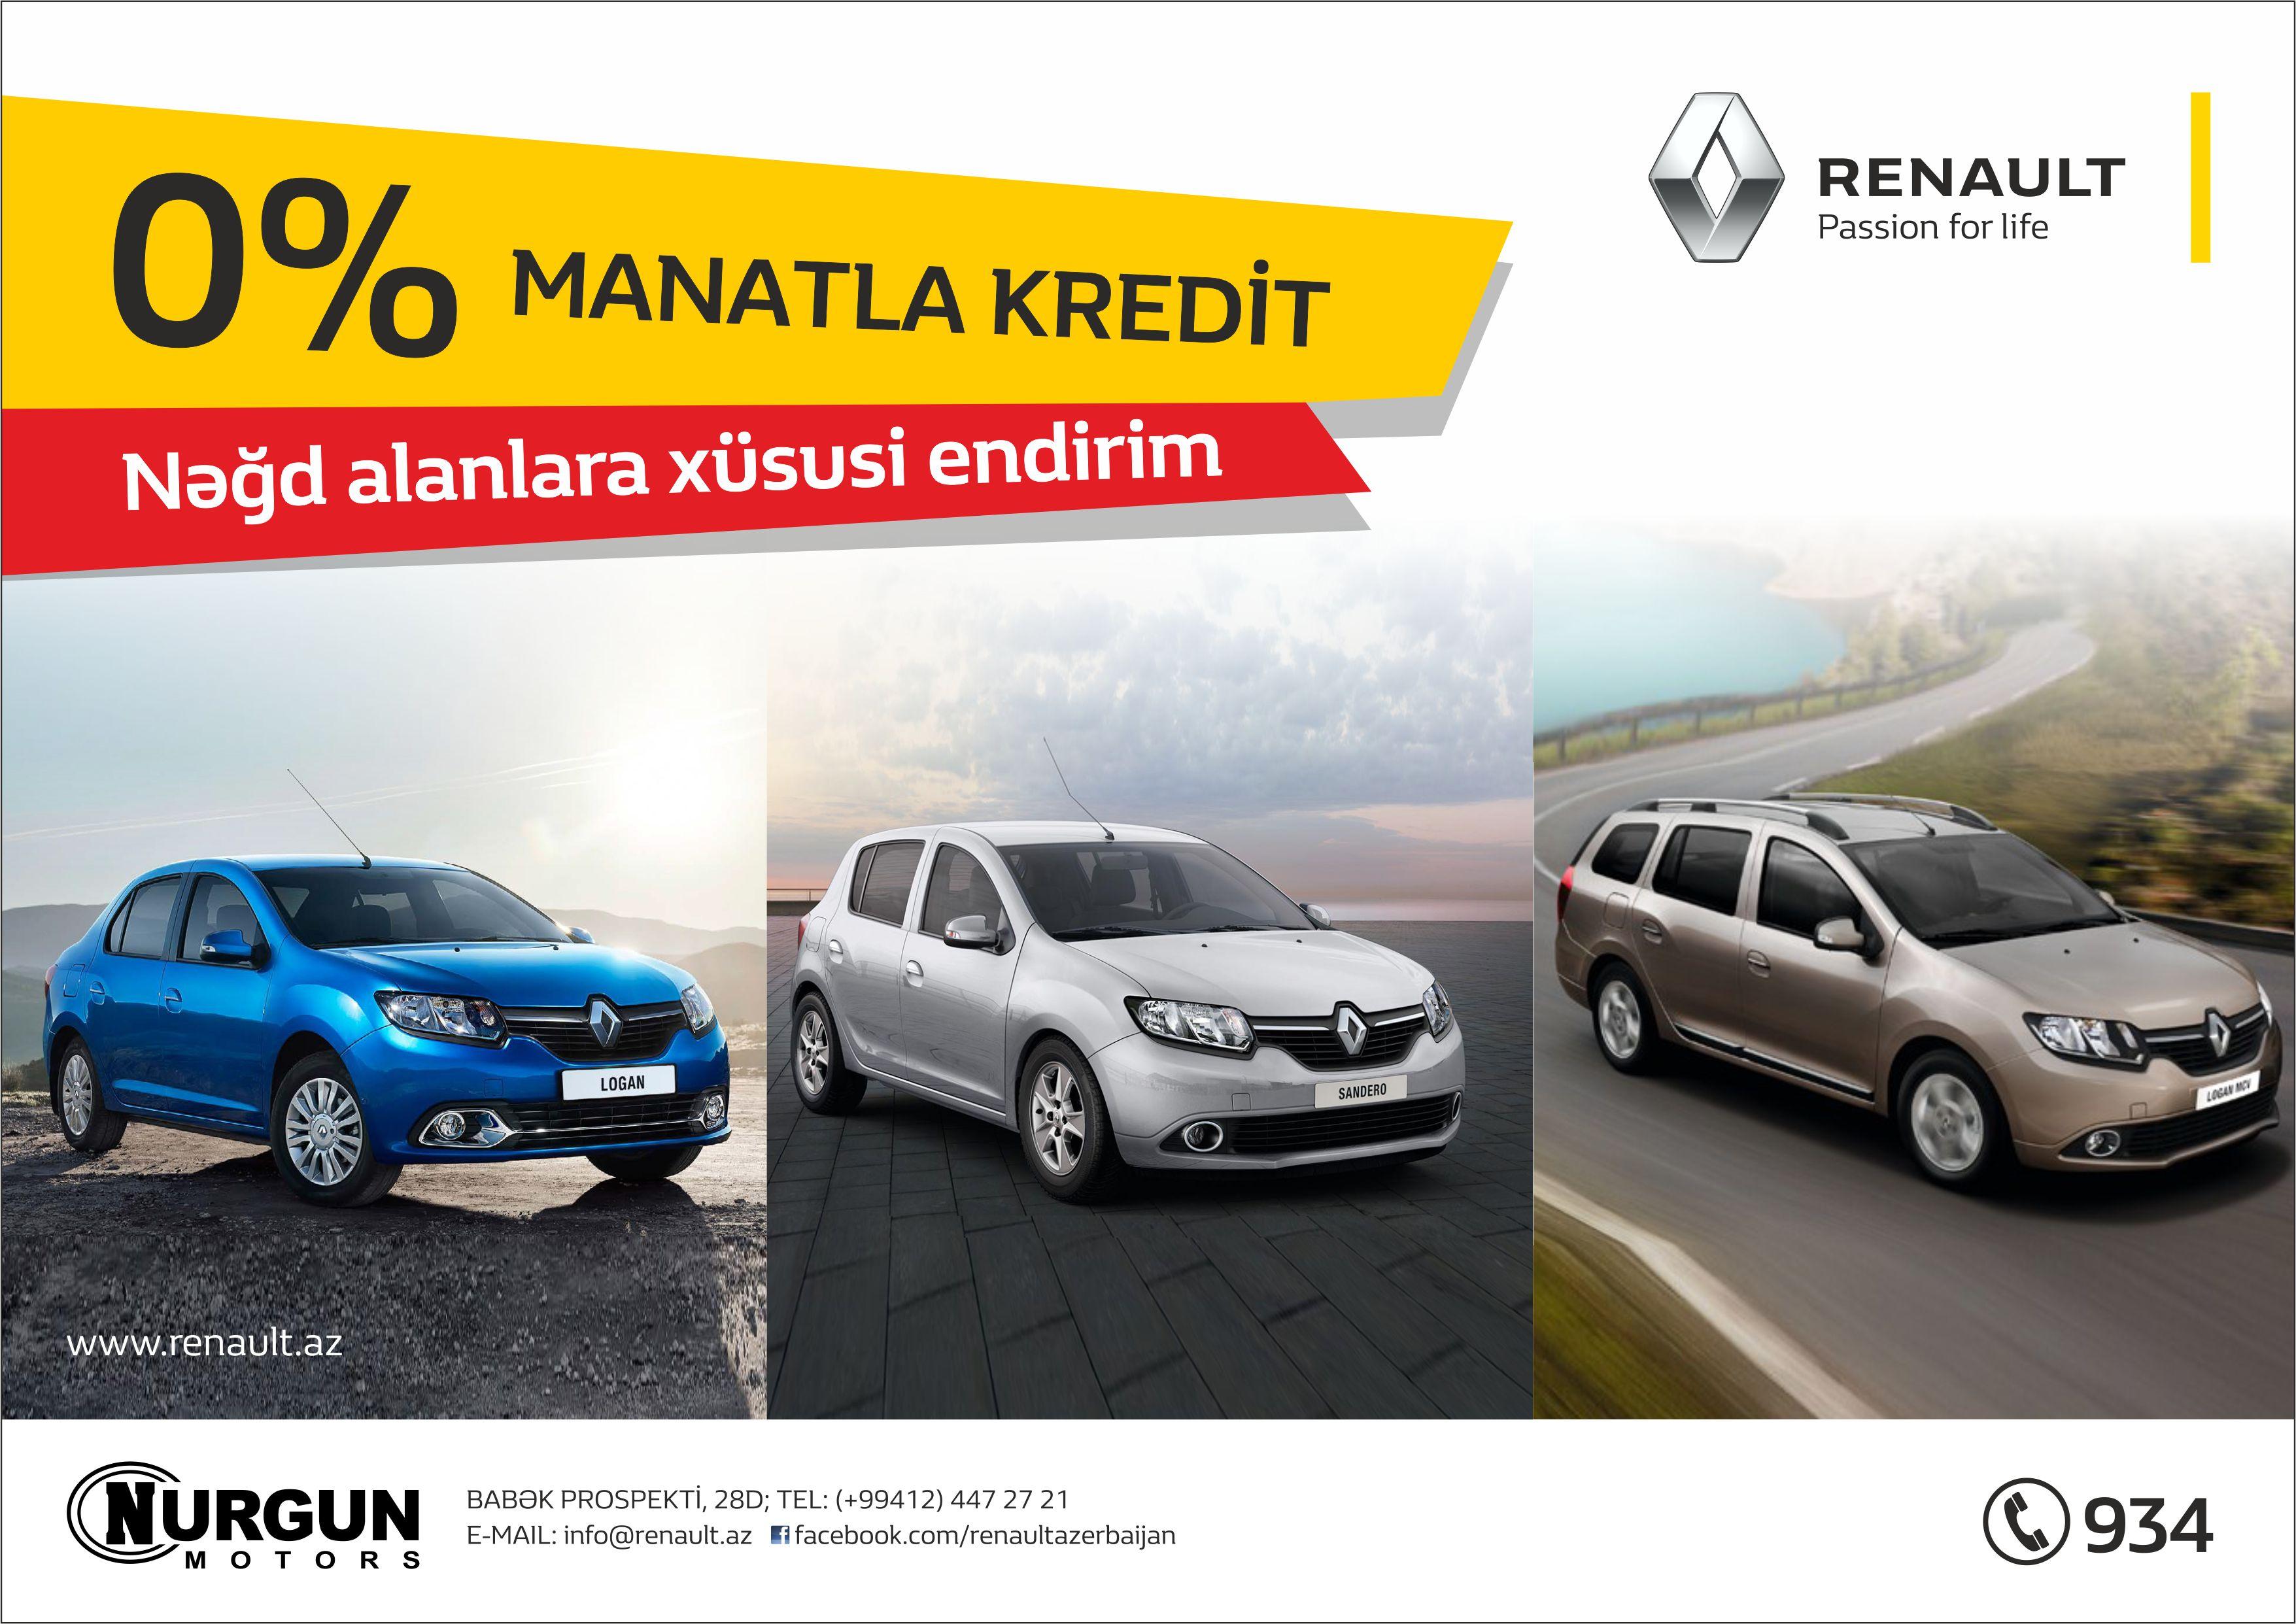 Renault modelləri üçün manatla 0% kampaniyası!